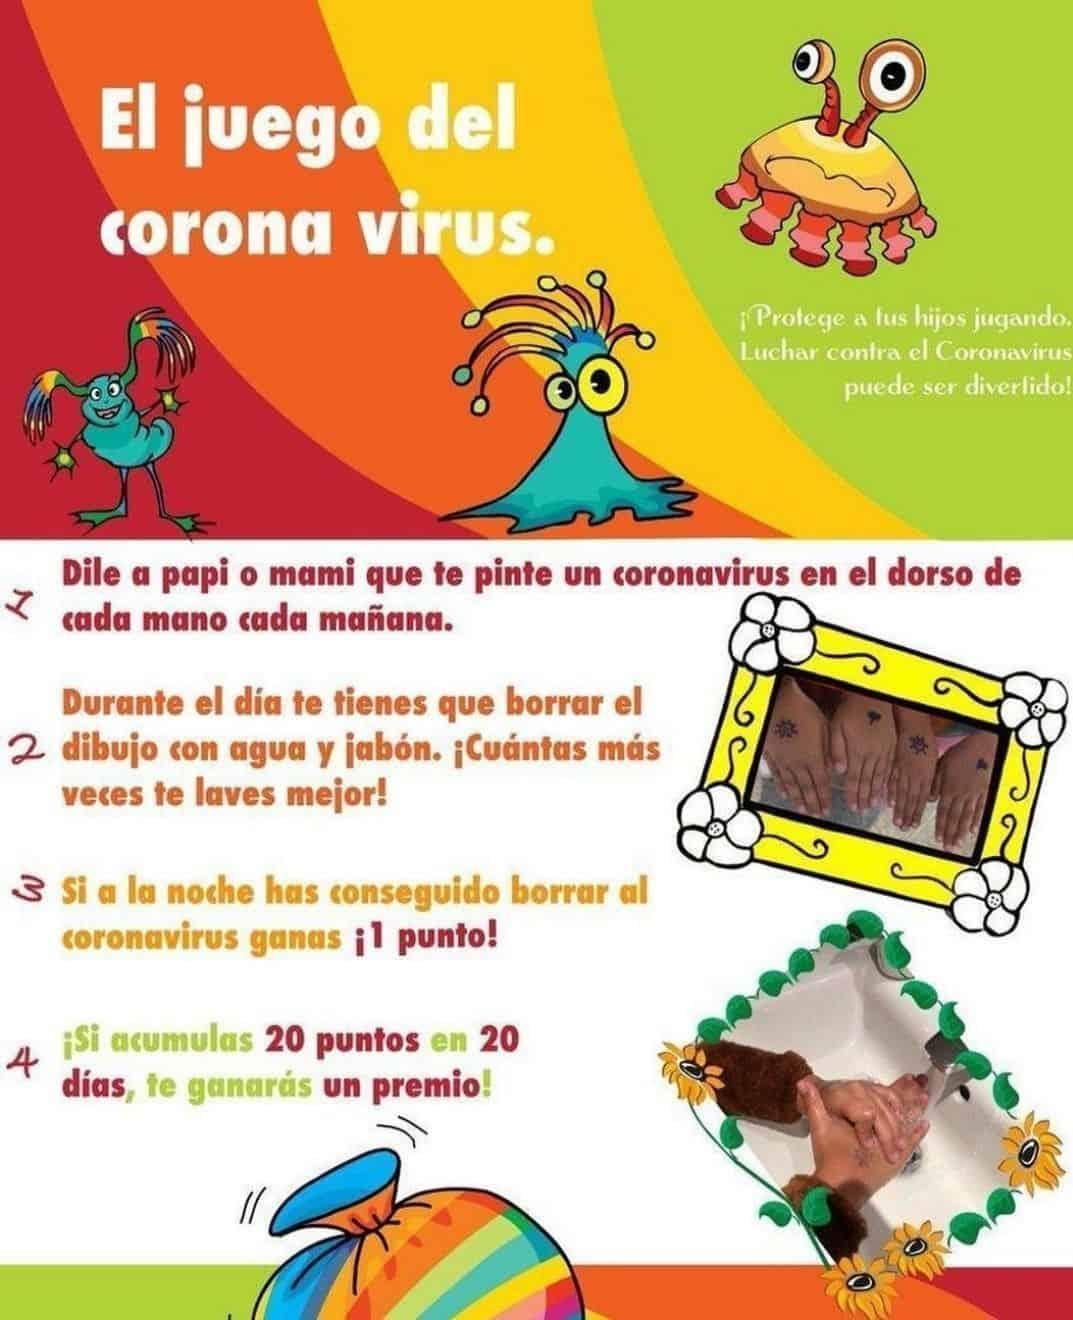 el juego coronavirus